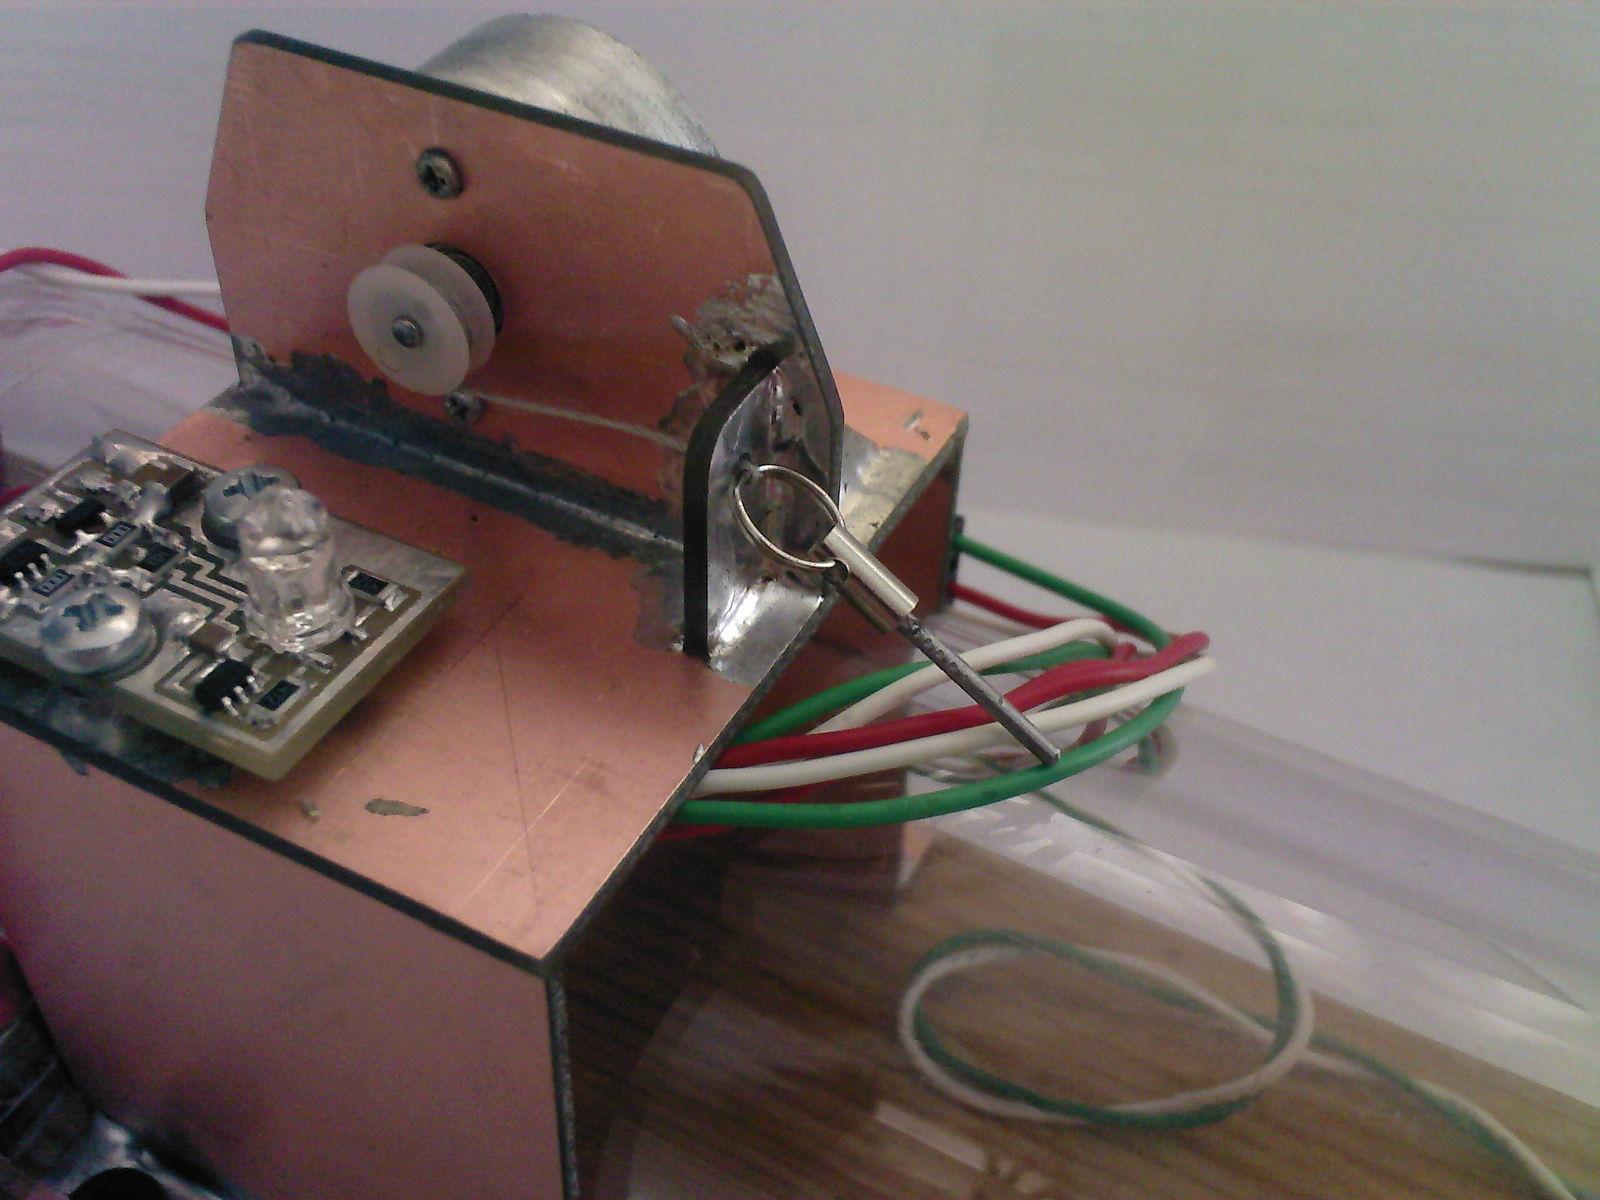 Мышеловка: штифт дверцы и его ограничитель